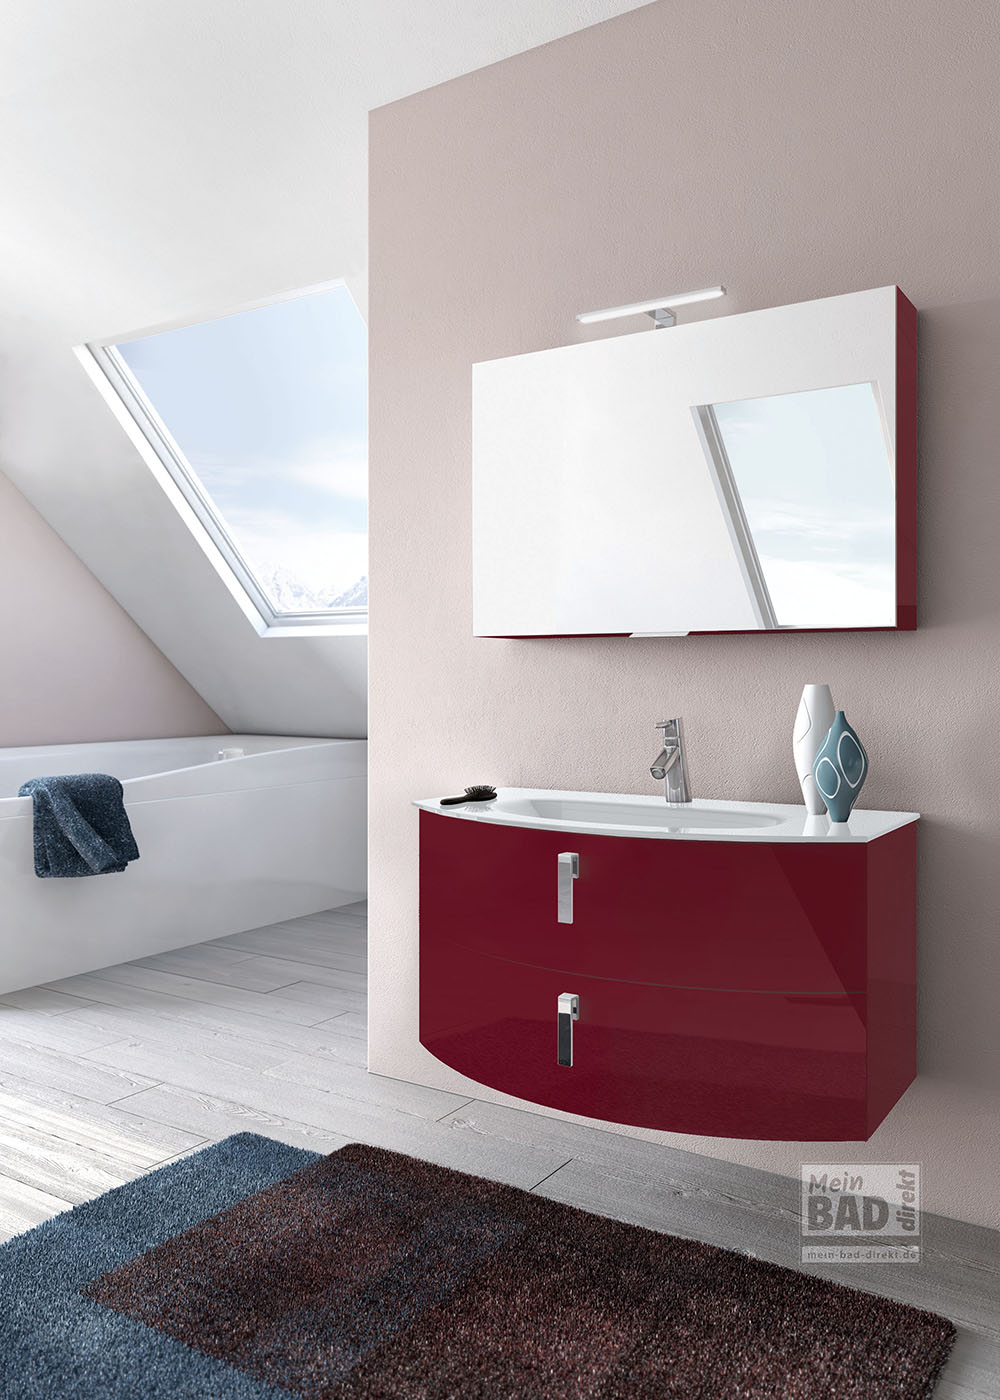 Das Moderne Bad Und Moderne Waschbecken Mit Badmöbel.  E 8_ML43308_151X_GL_RAL9016_1000_Badmoebel_Waschplatzt0U9xeByKqsN3